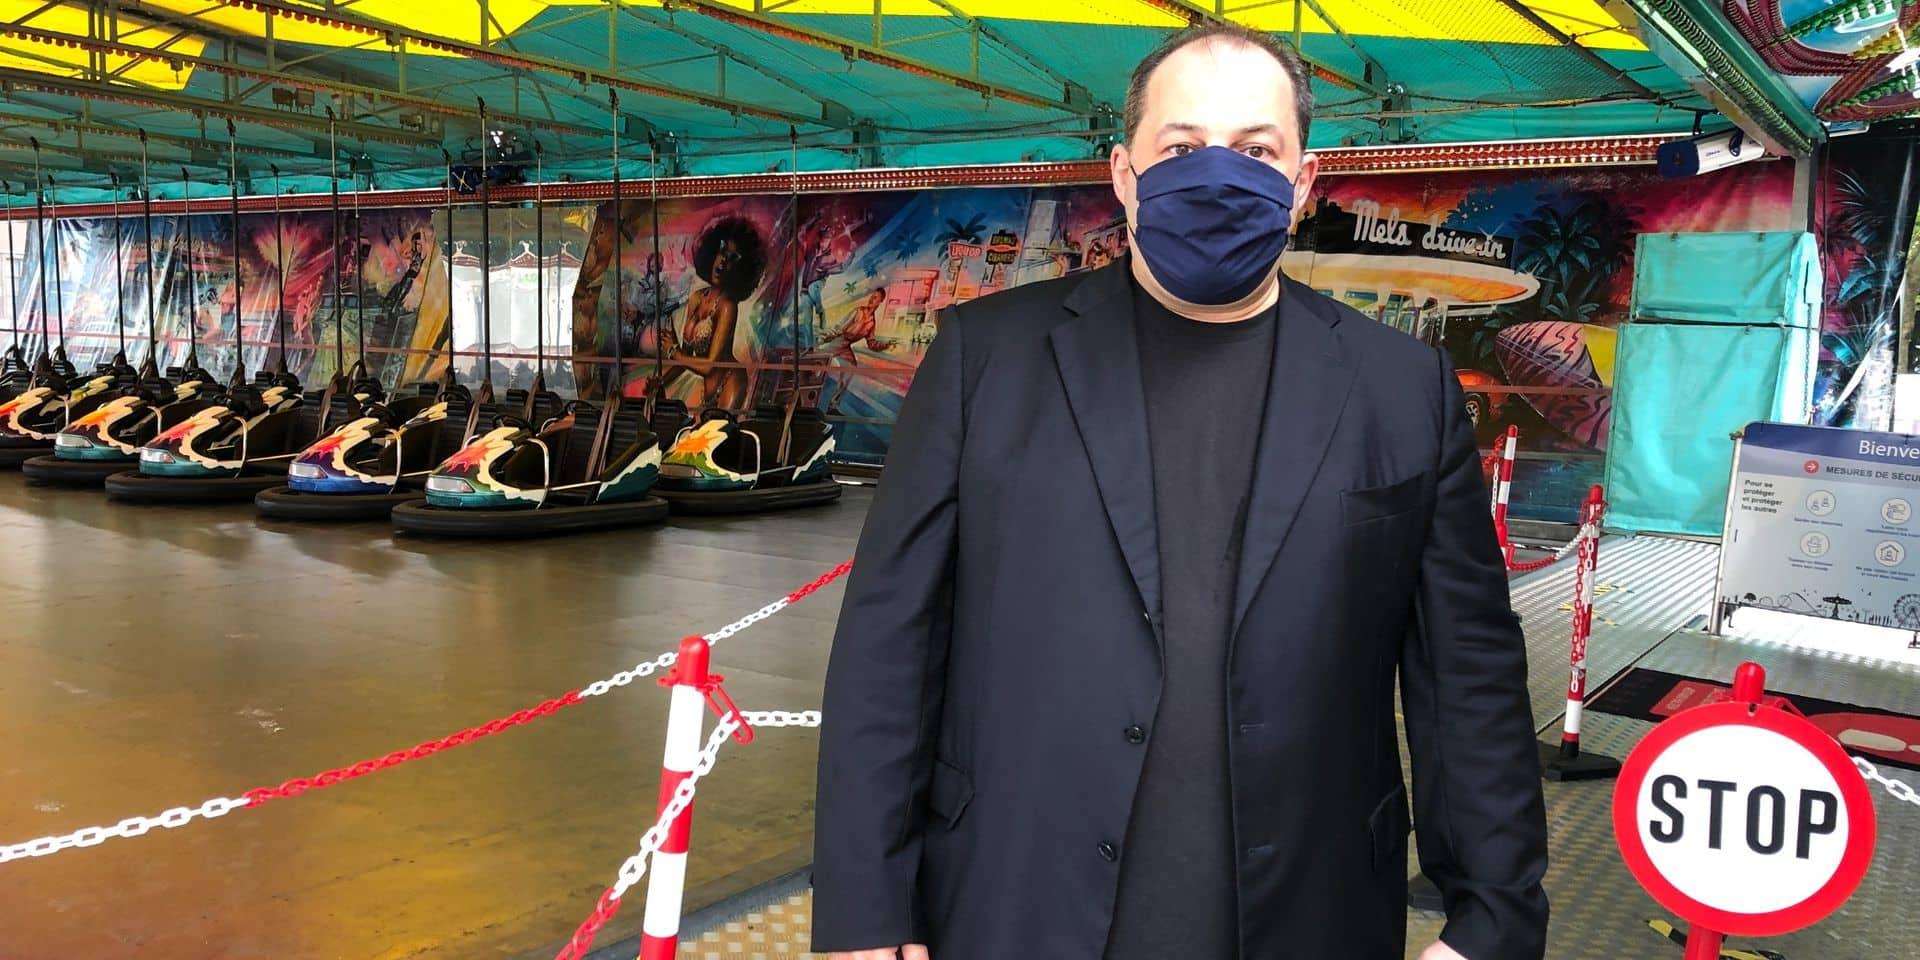 Tournai : Une meilleure foire qu'avant le Covid